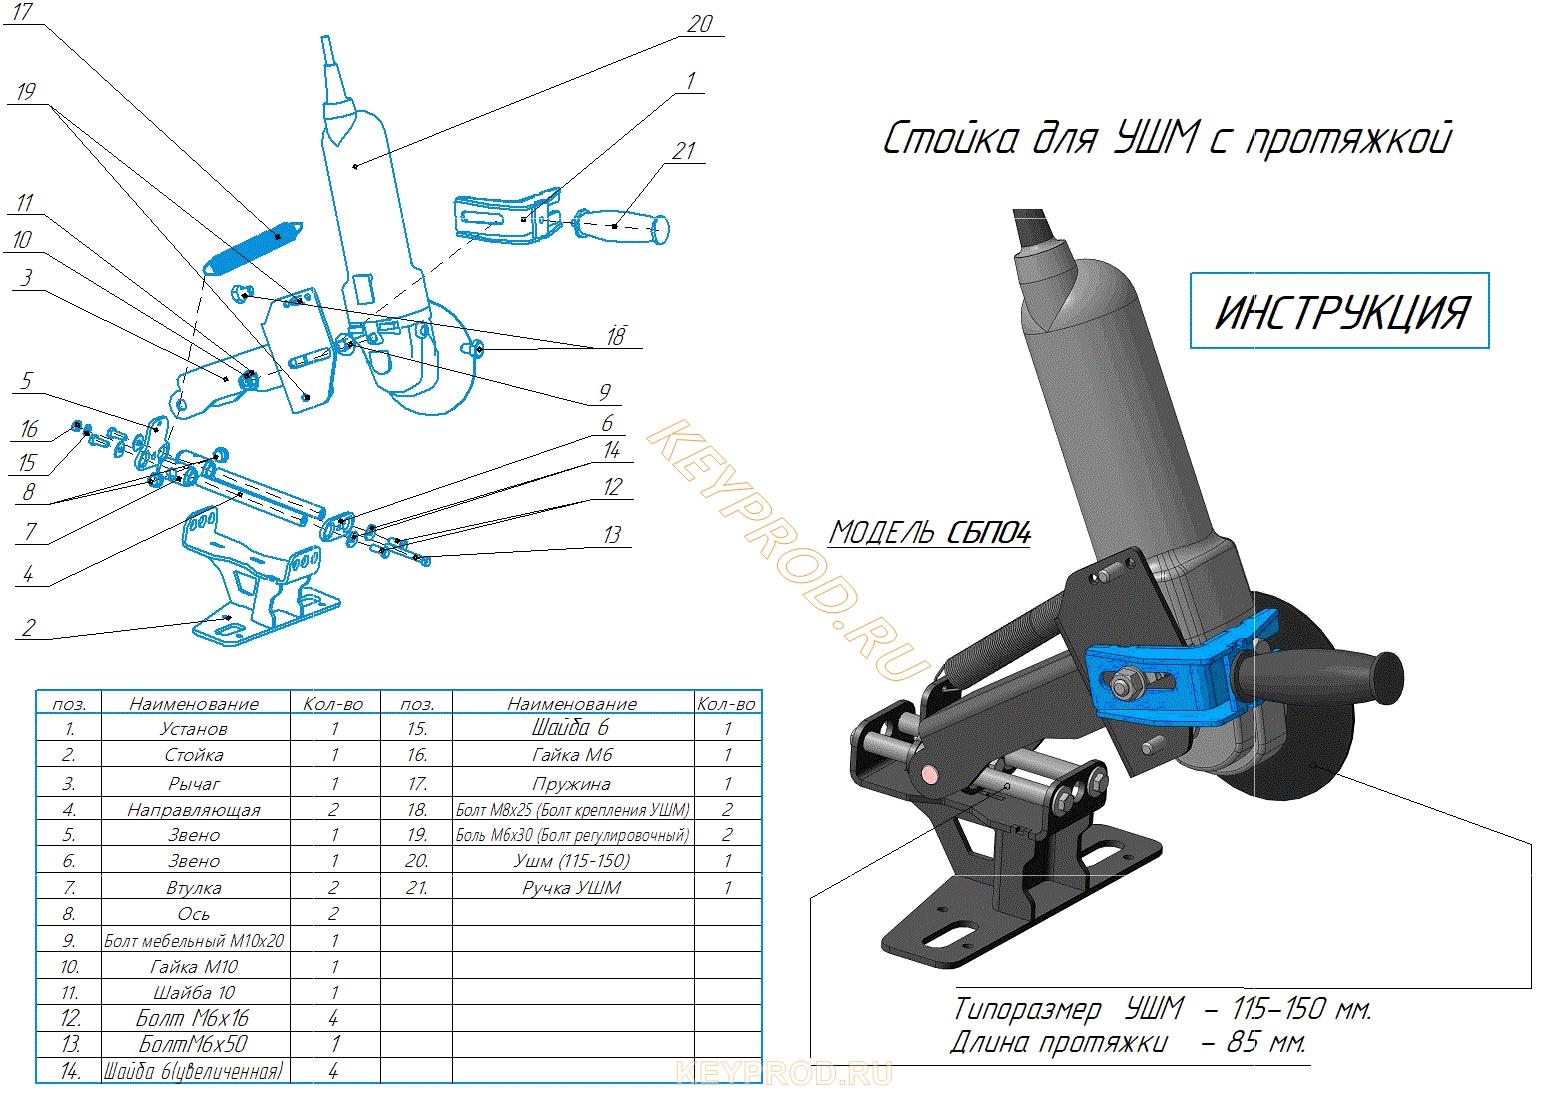 Стойка для ушм с протяжкой 3D-модель (Step, Iges)